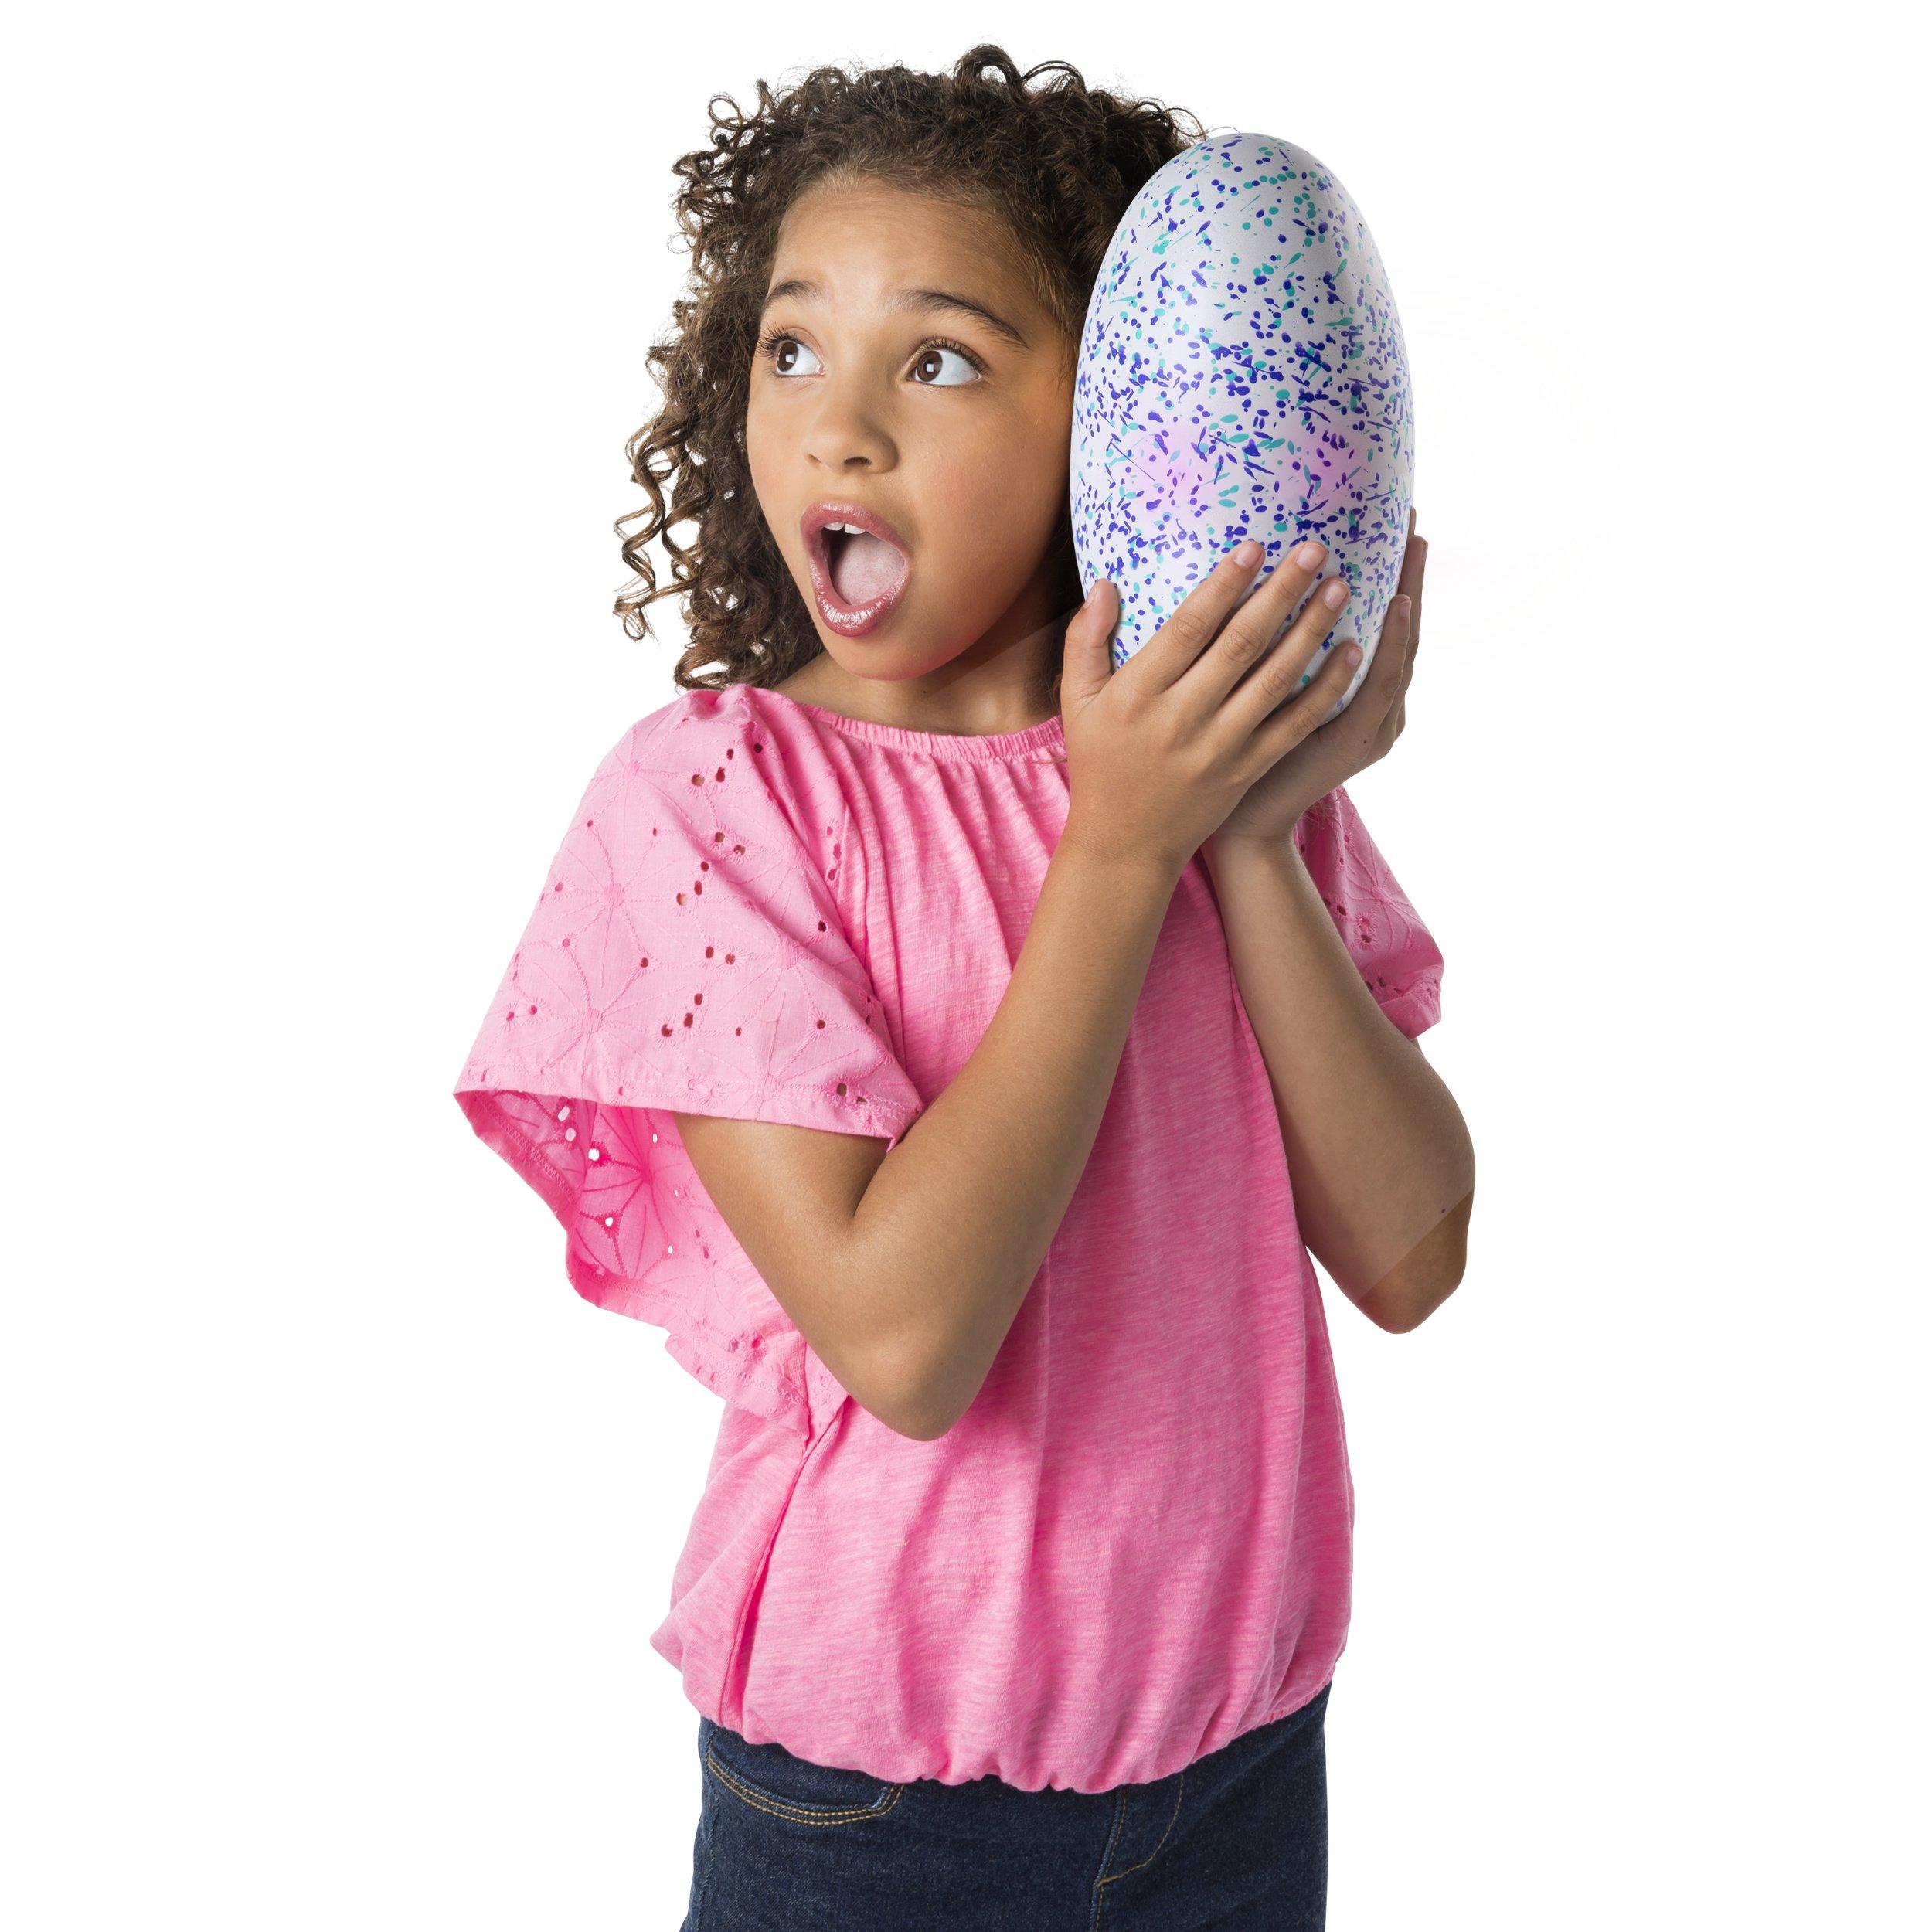 Hatchimals Surprise Peacat Purple Egg Playset by Hatchimals Surprise (Image #5)